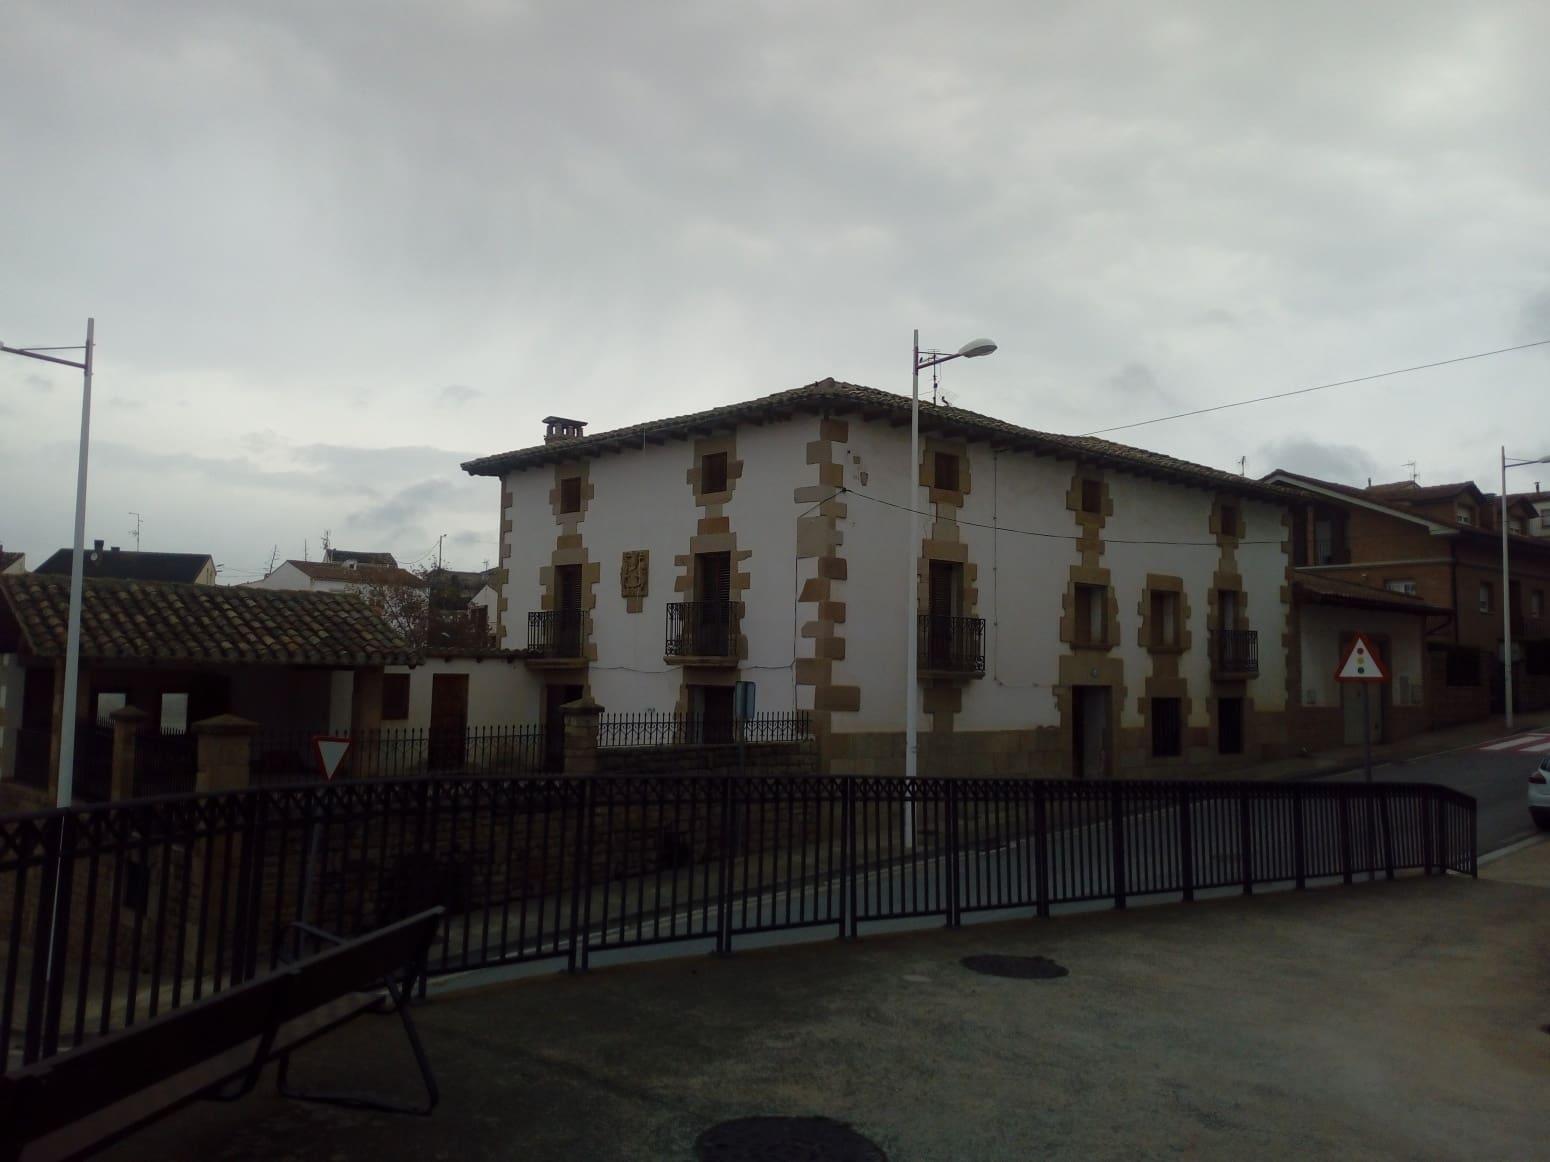 Adosado de 15 habitaciones en Sesma en venta - 210.000 € (Ref: 5031016)